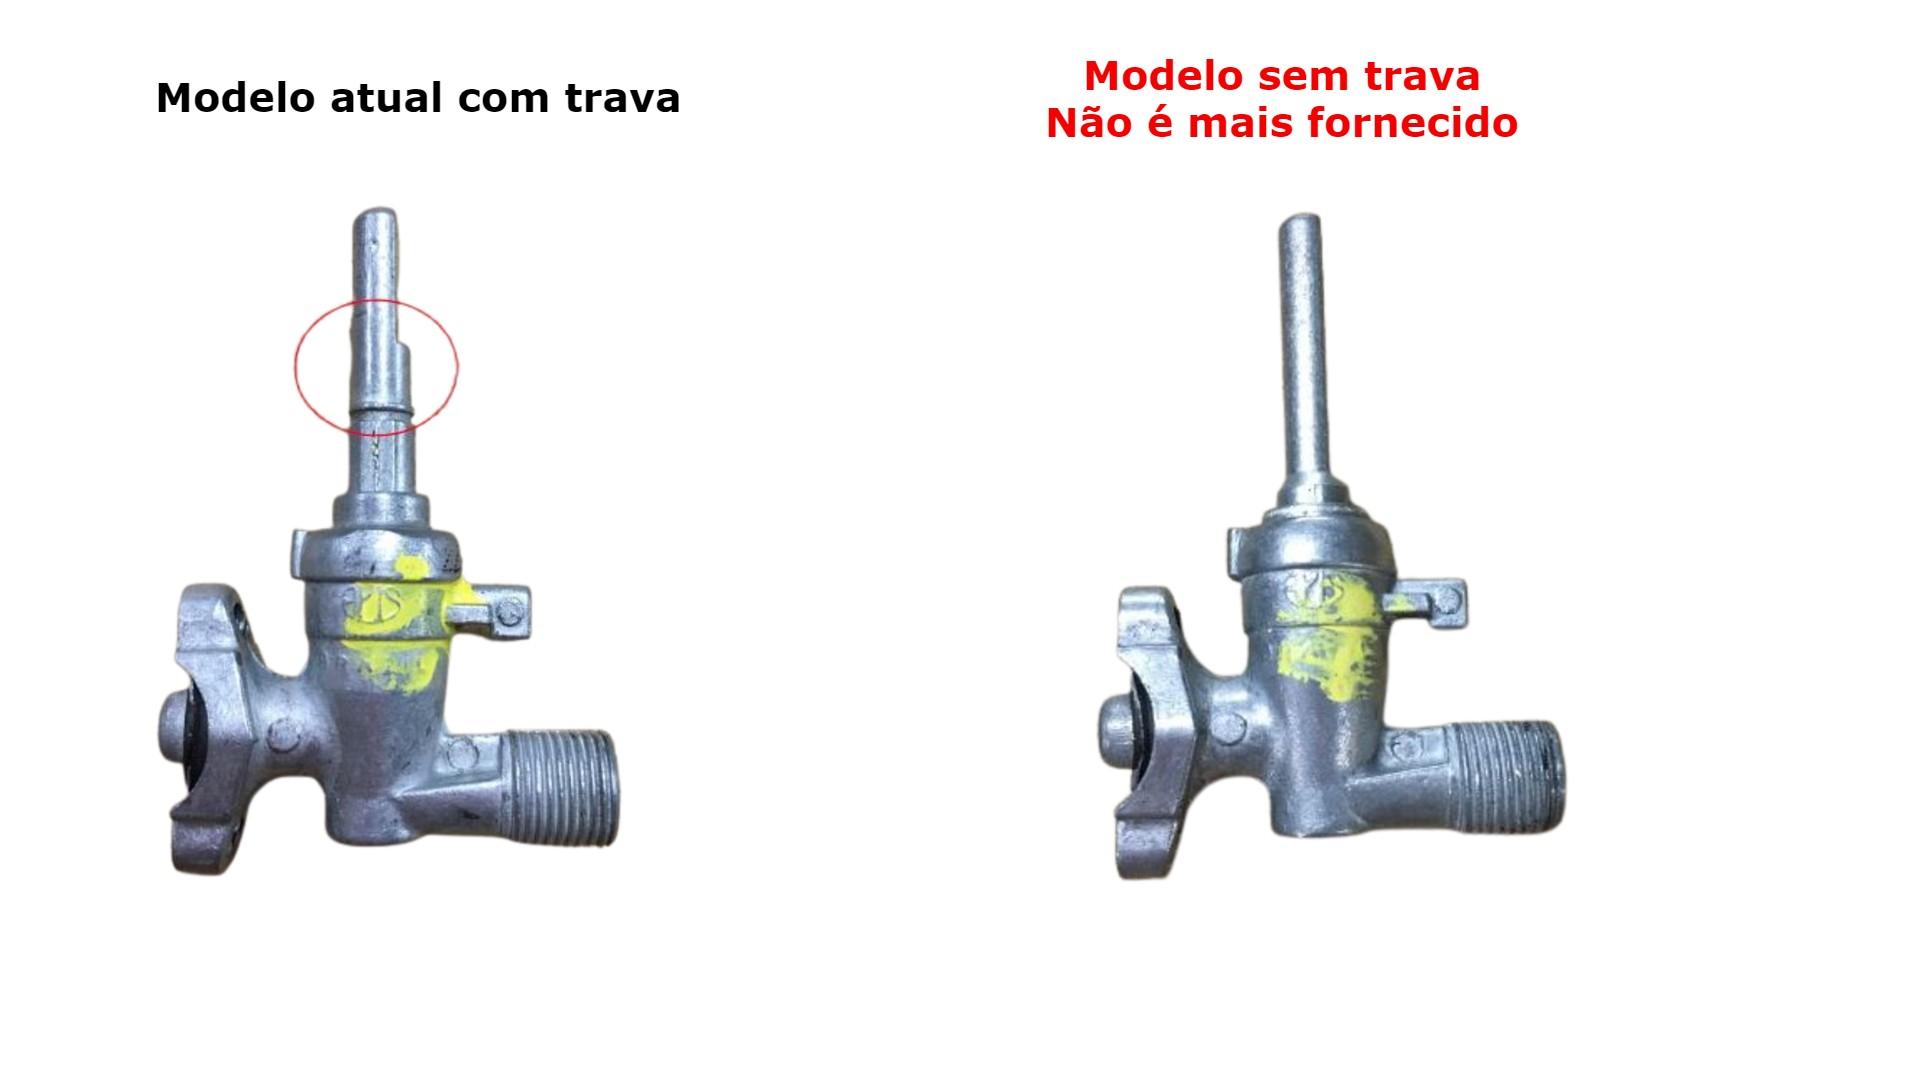 REGISTRO TRIPLA CHAMA / QUADRI CHAMA FOGÃO COOKTOP NARDELLI FOGATTI